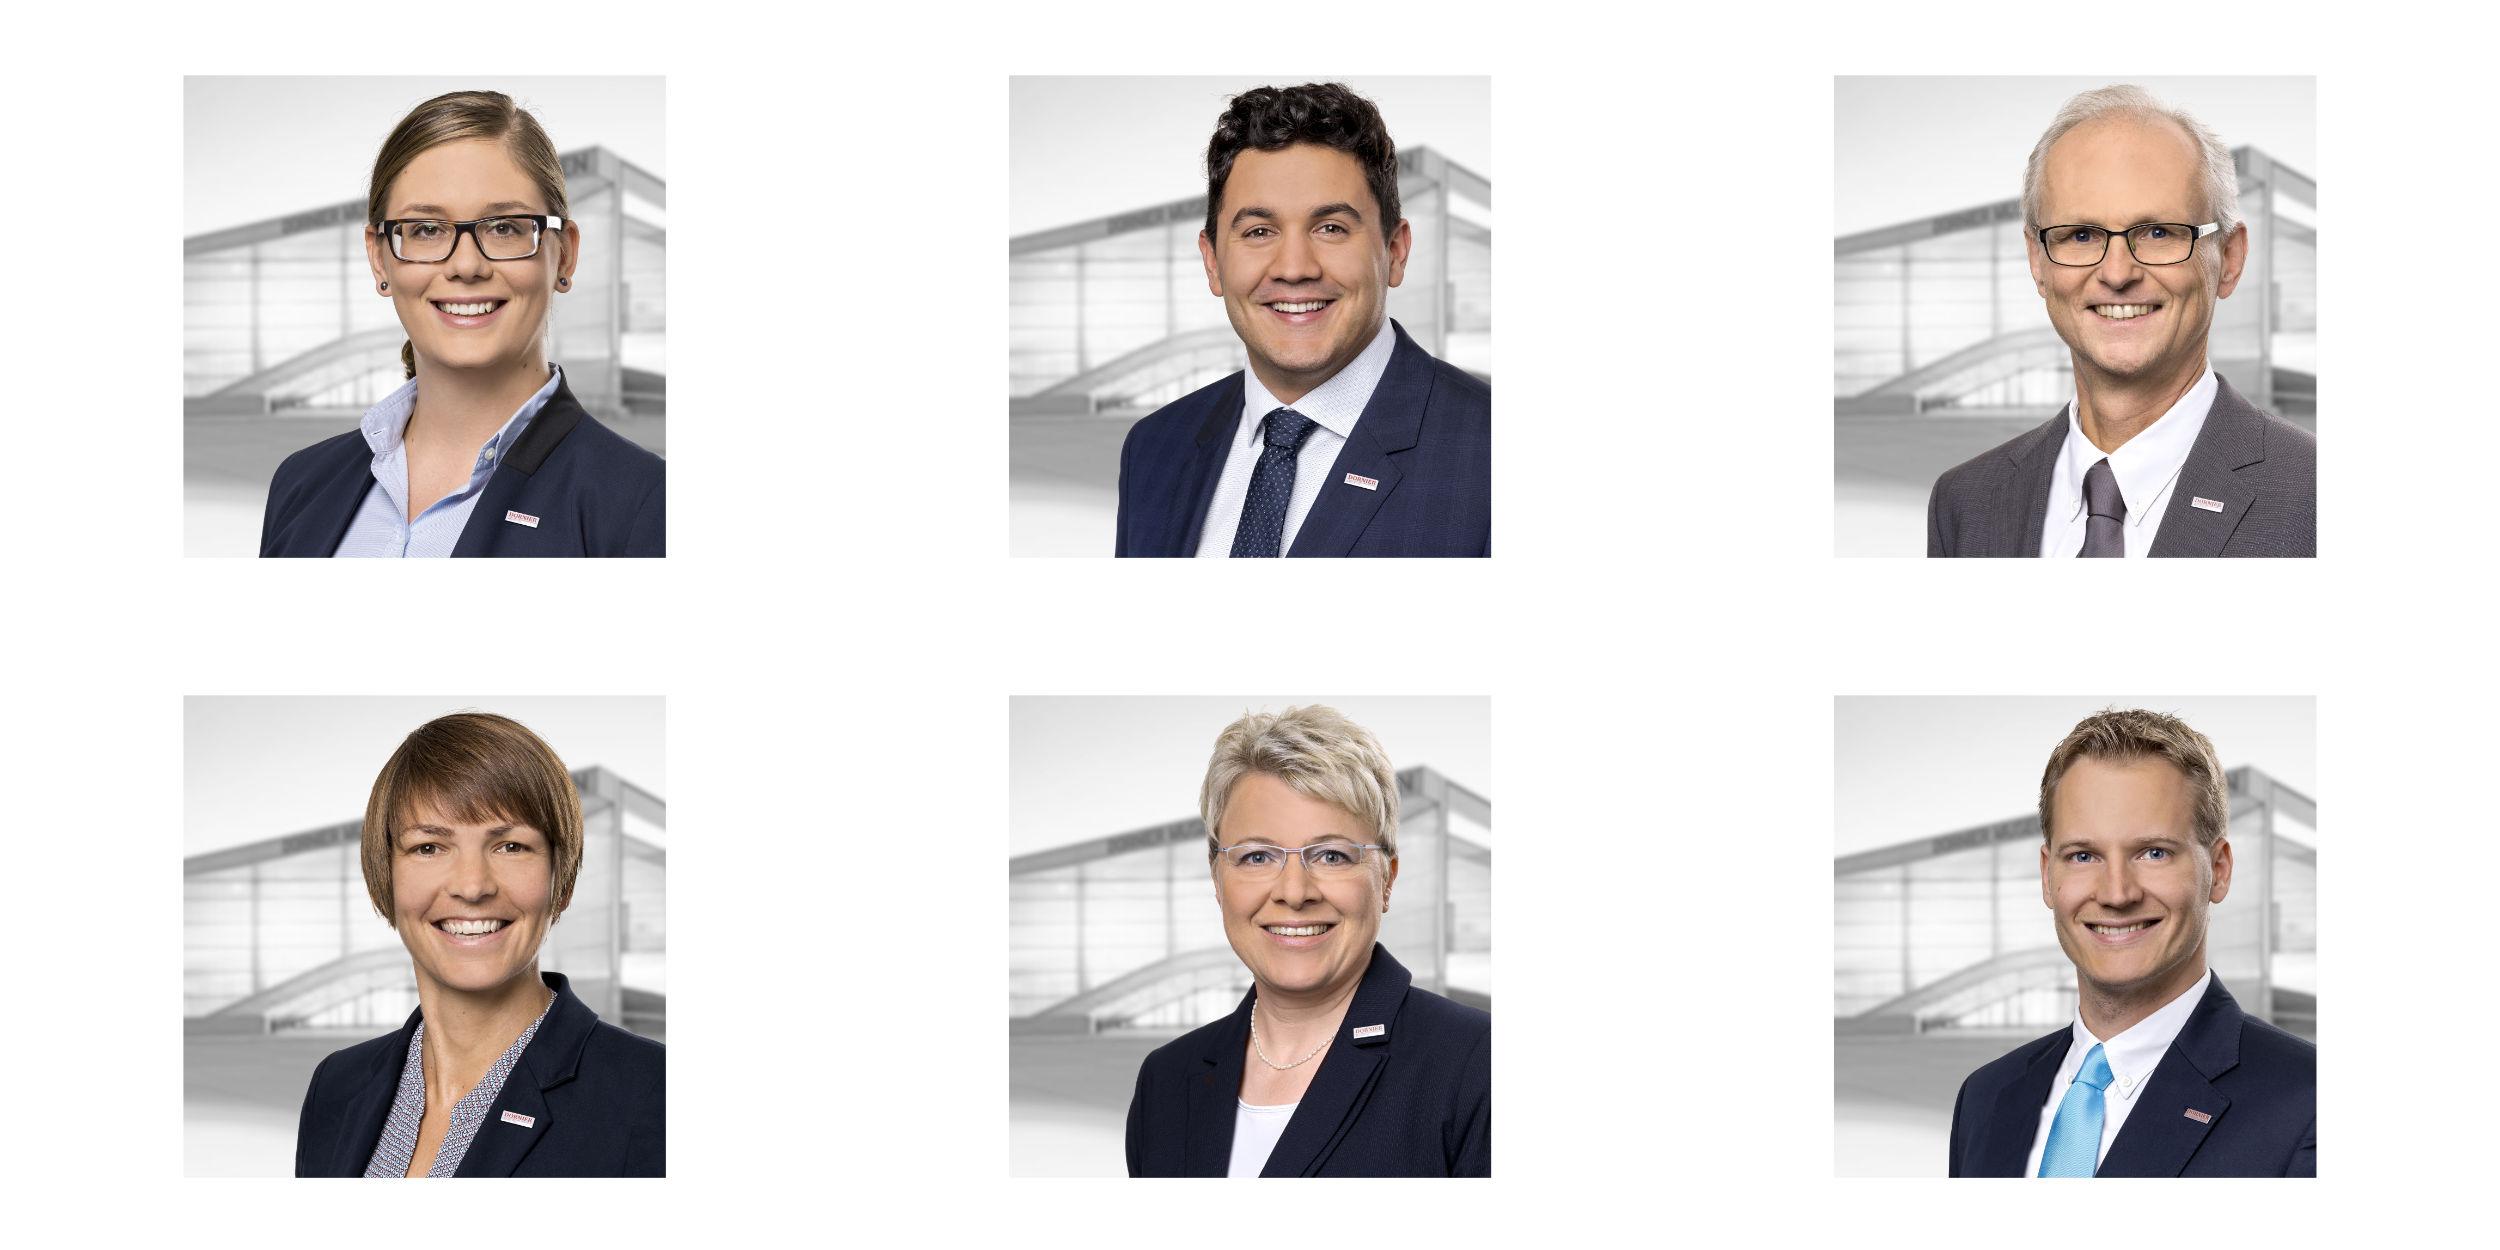 Mitarbeiter Fotografie Stuttgart und Umgebung Mitarbeiterfotos Mitarbeiterportraits WPM Mitarbeiter Freisteller gleicher Hintergrund Retusche